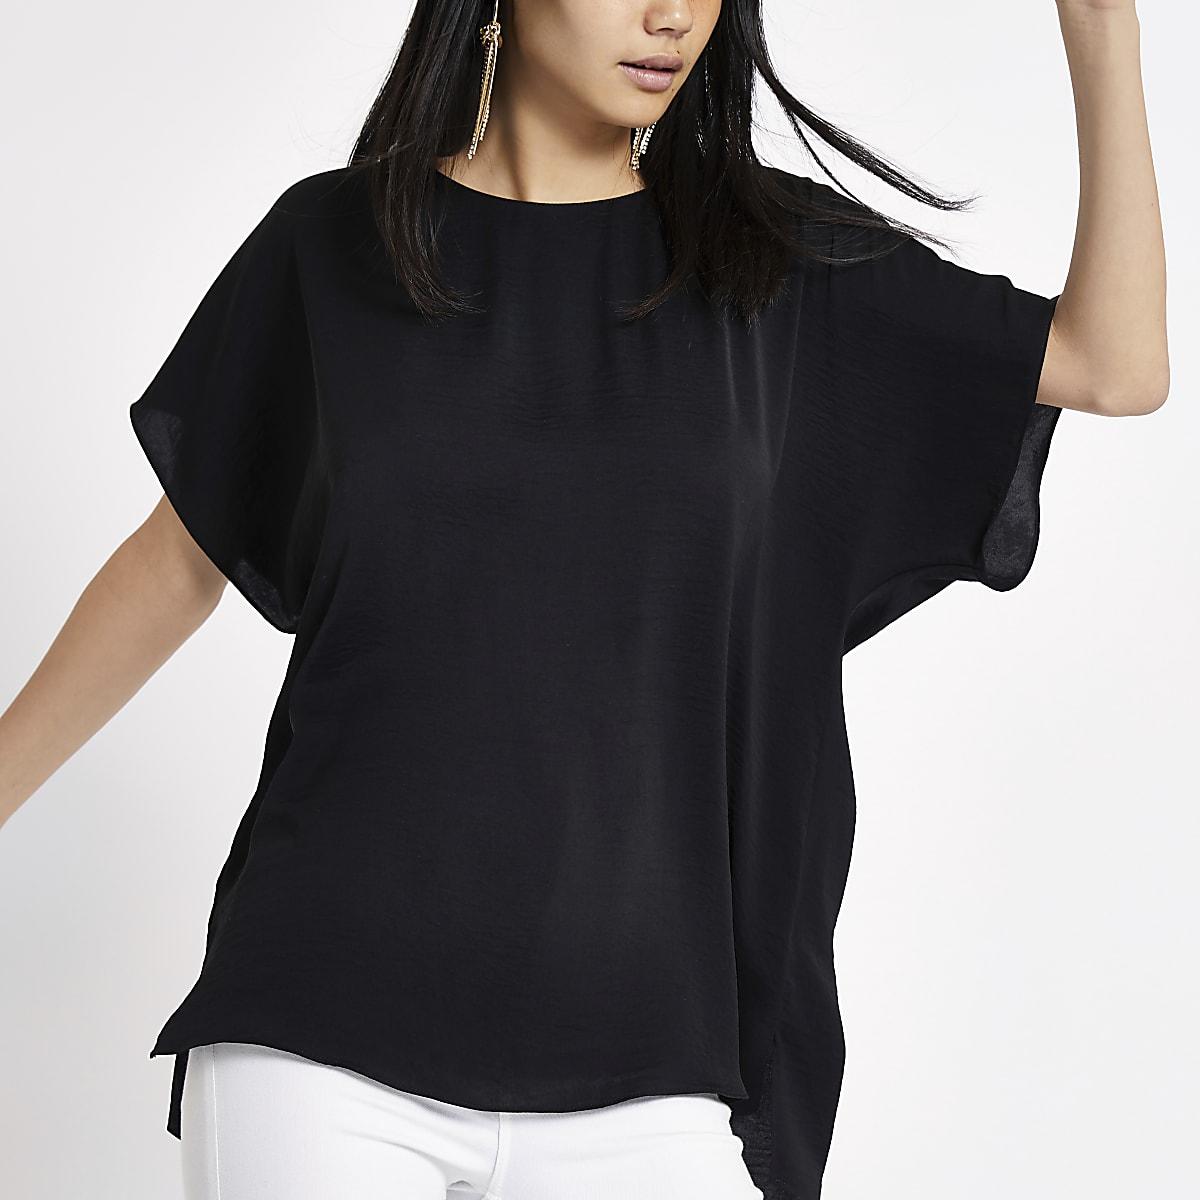 Zwart T-shirt met band op de rug